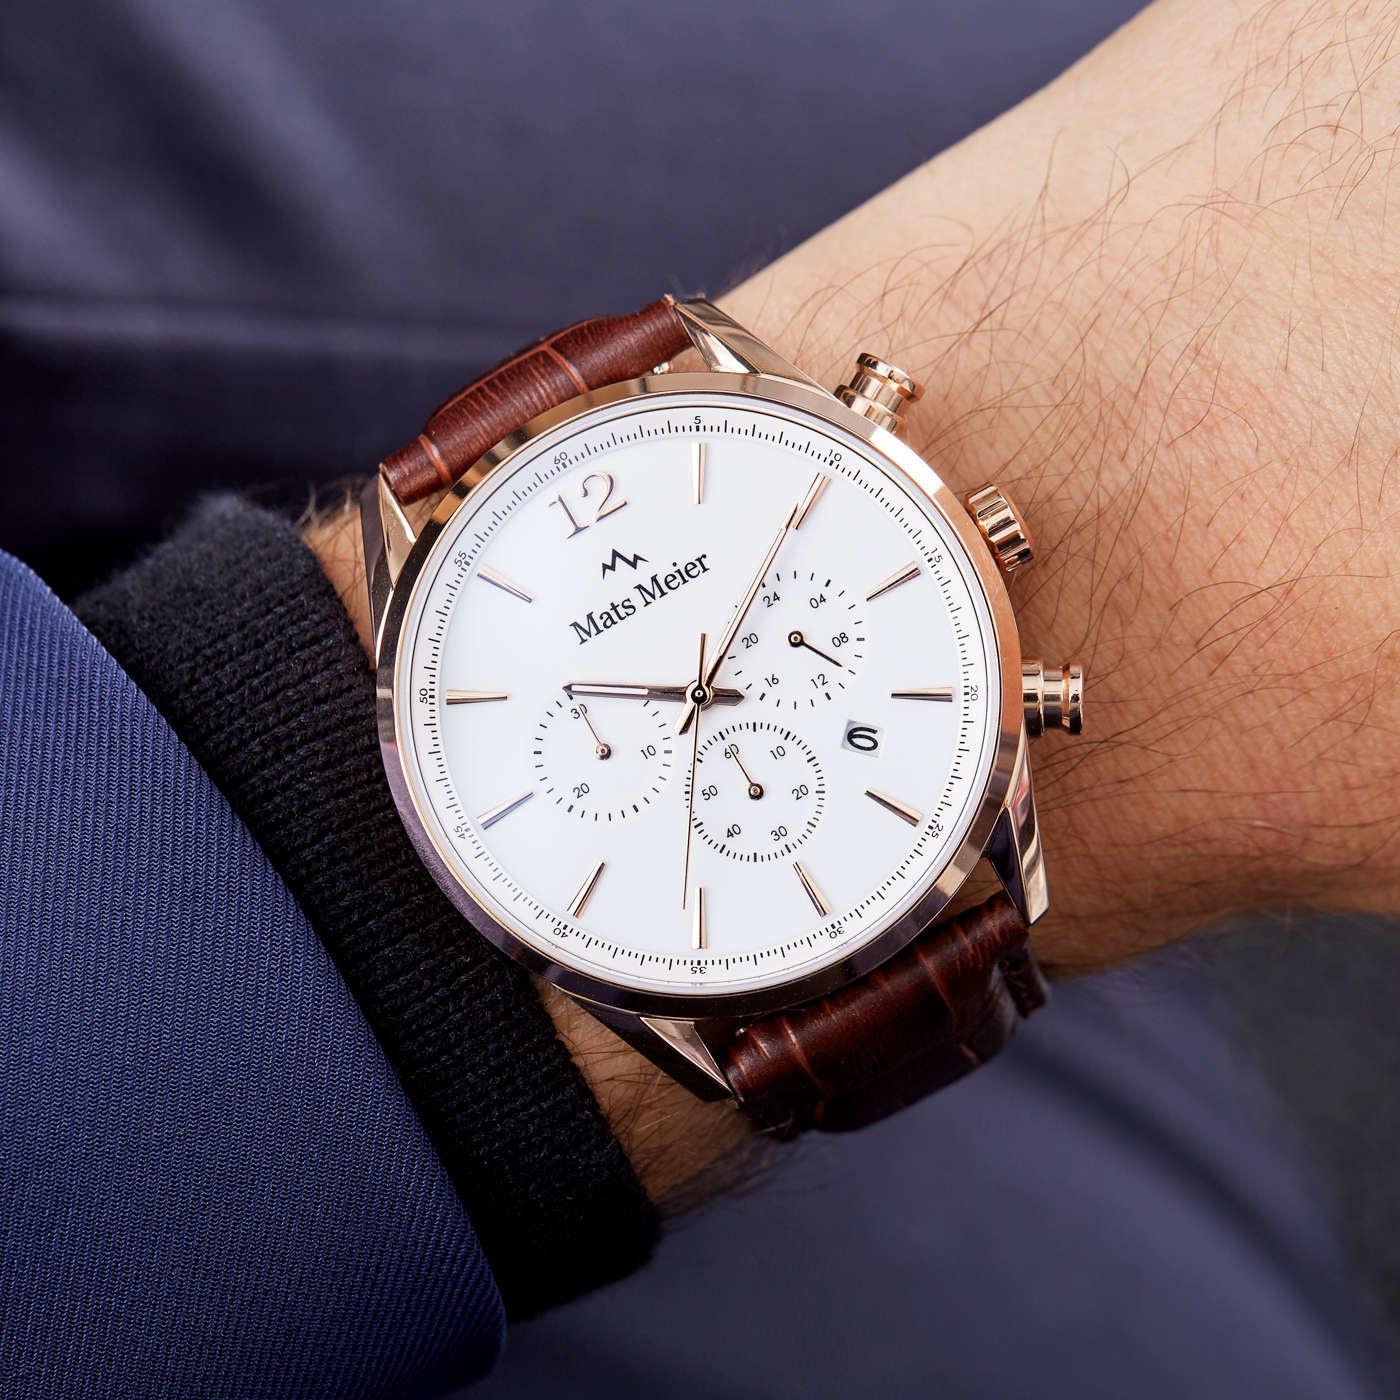 Mats Meier Cronografo Grand Cornier bianco/oro rosa/marrone